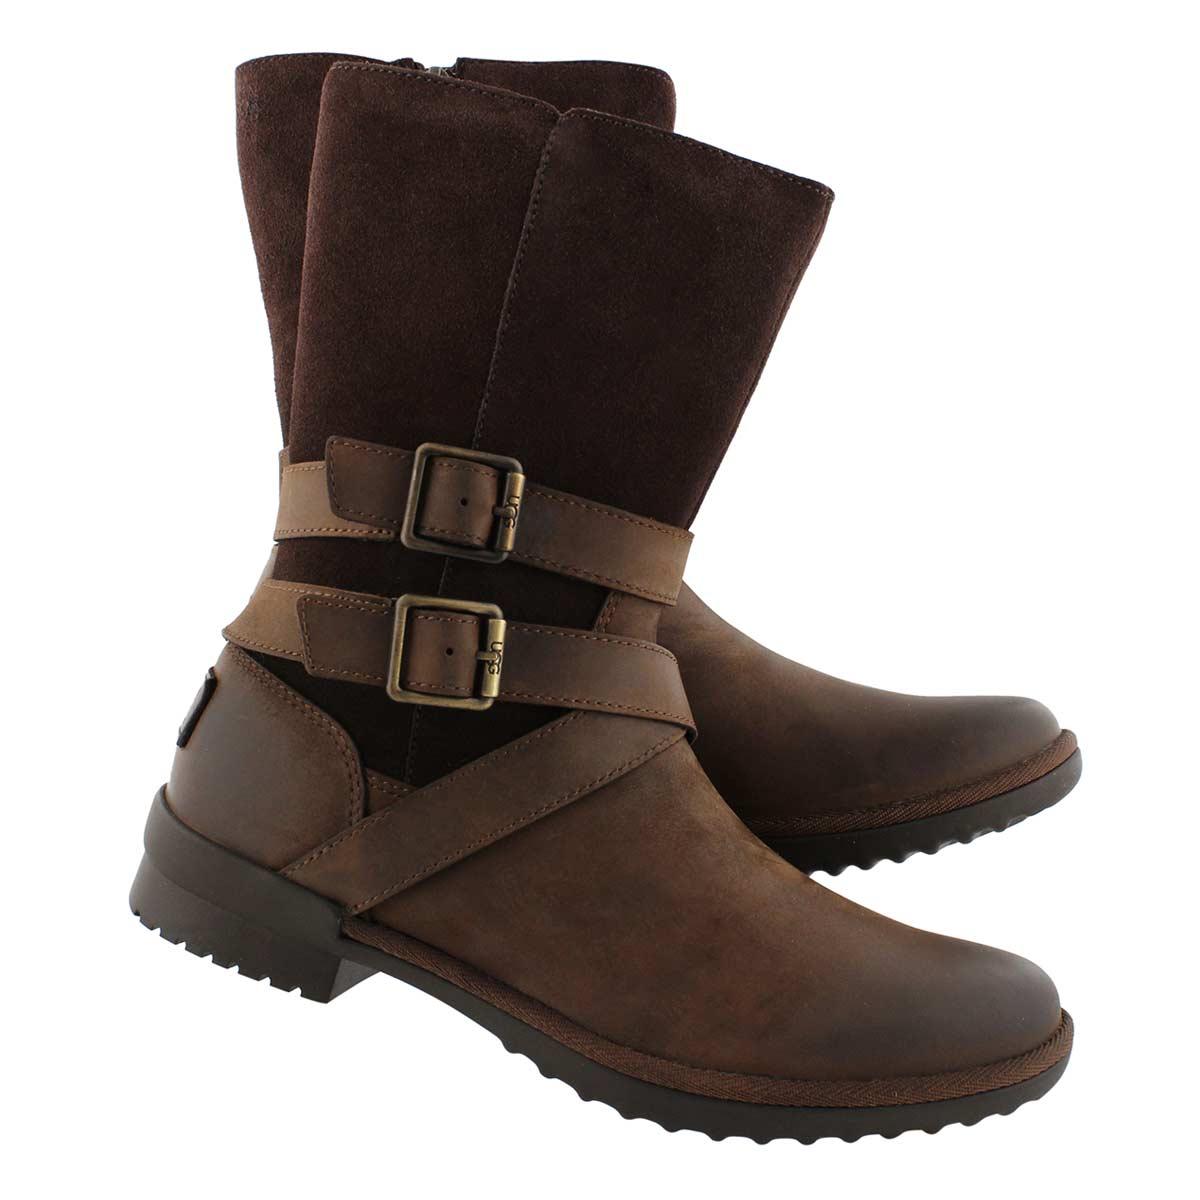 Women's Lorna Side Zip Waterproof Boot - Coconut